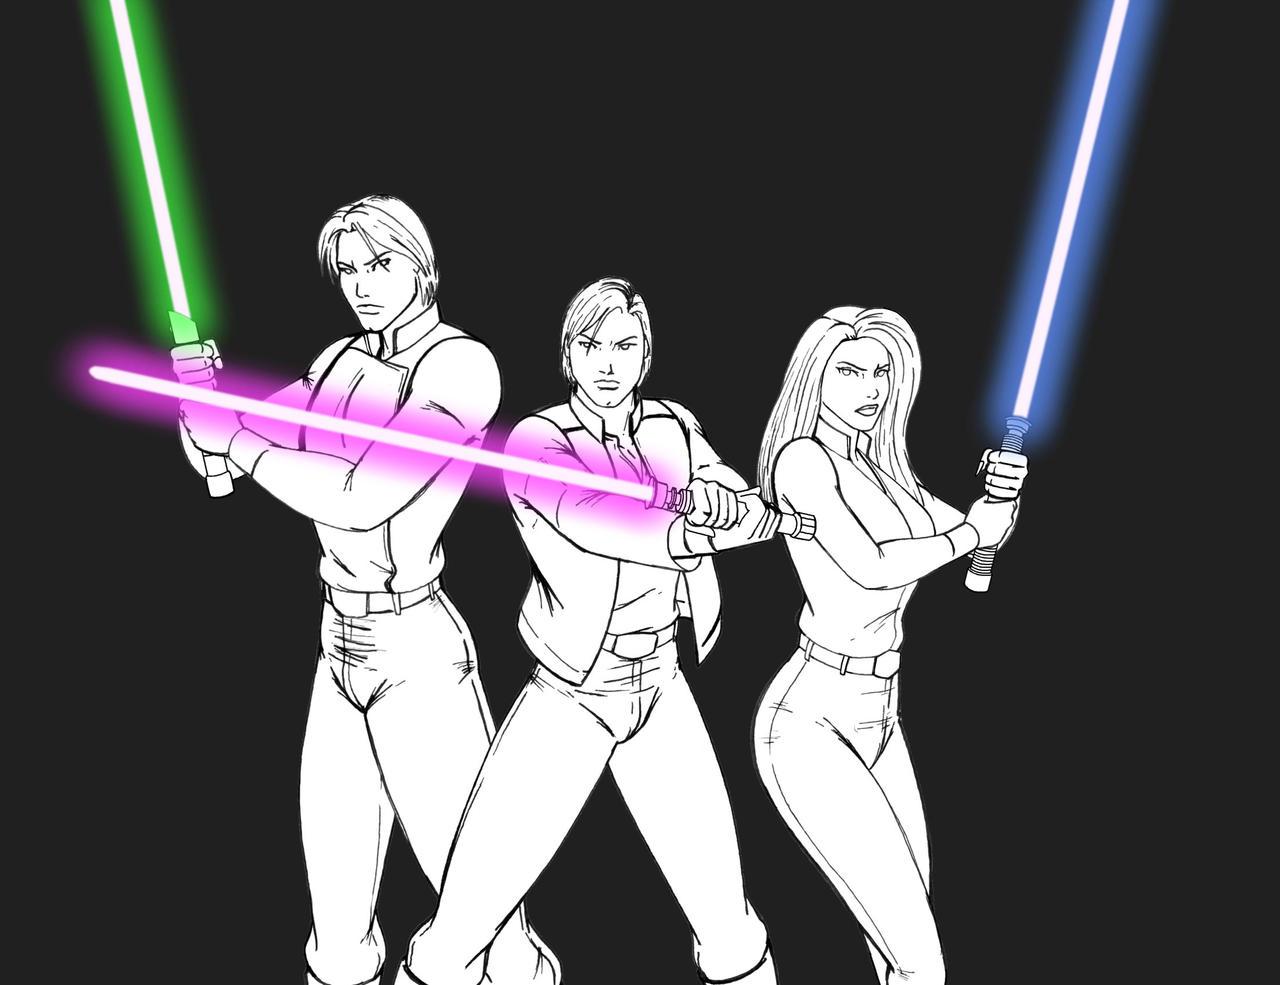 Jedi Solo - WIP by JosephB222